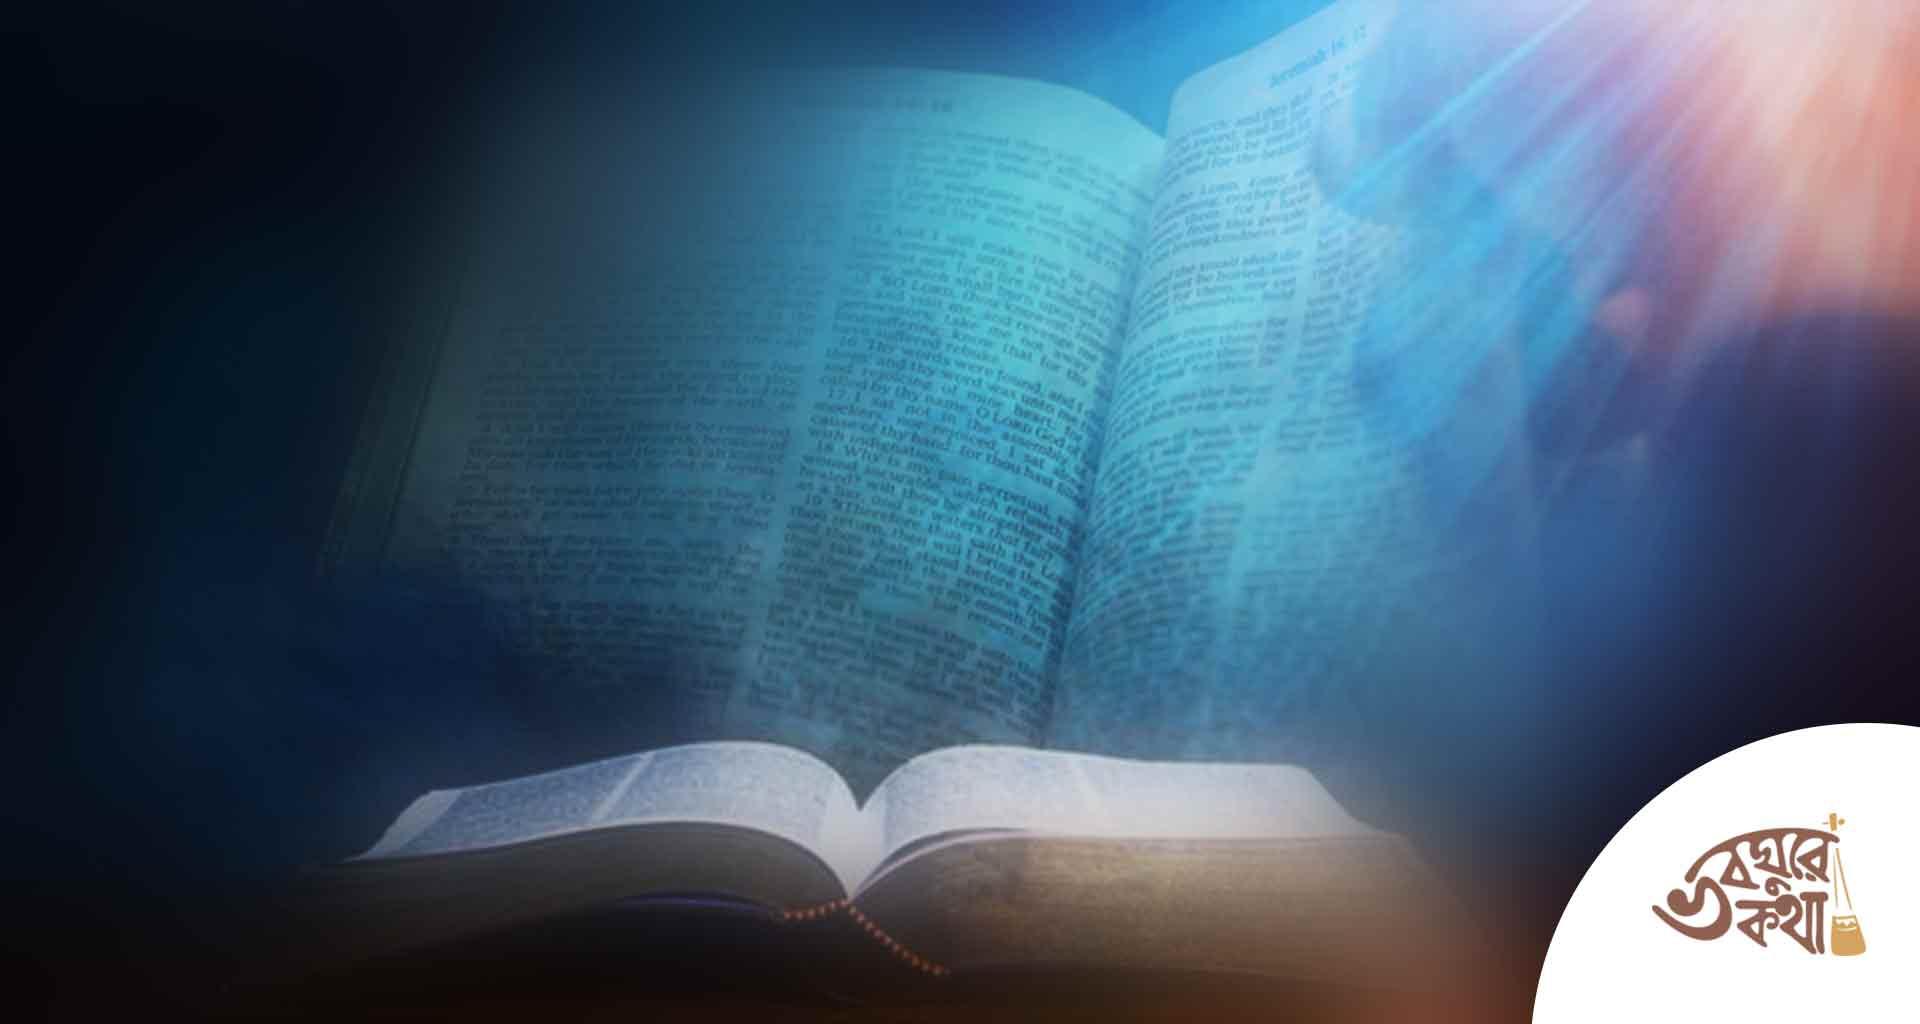 বাইবেল ধর্ম গ্রন্থ শাস্ত্র কিতাব